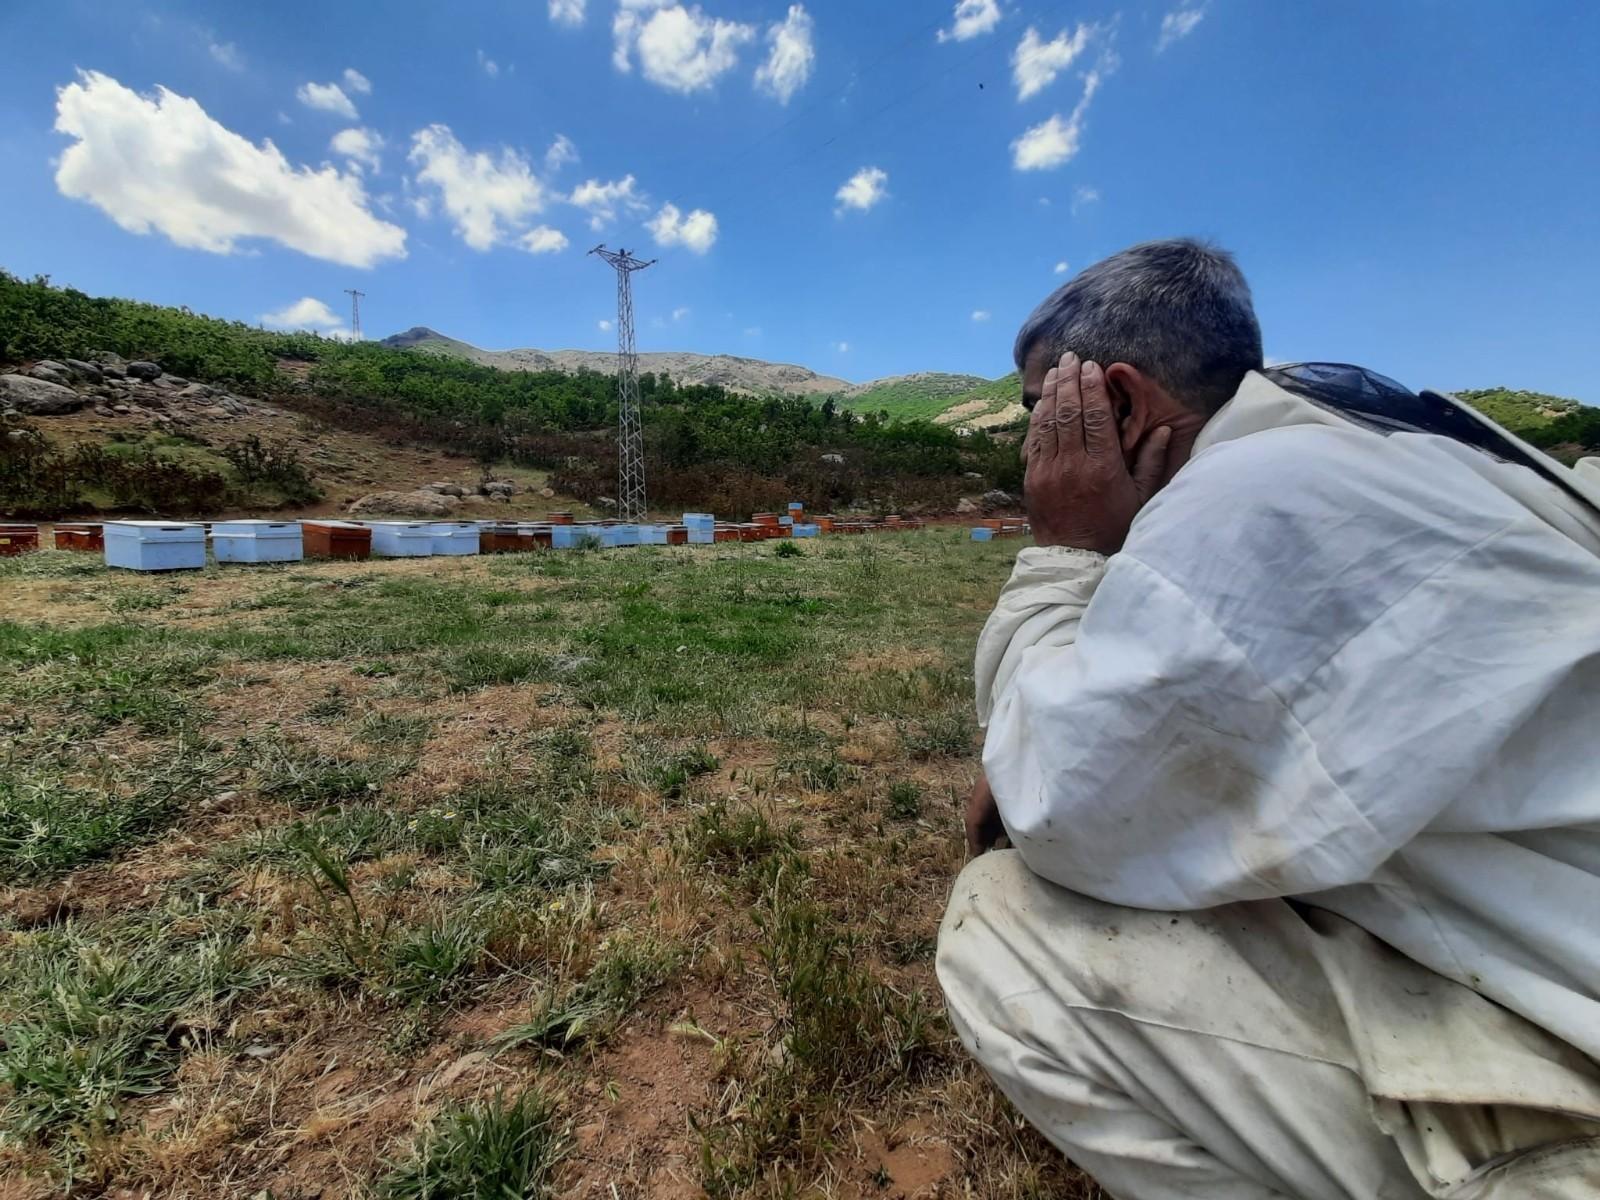 Bal şehri Bingöl'de kuraklık arıcıları da vurdu, dünya ikincisi bal tehlikeye girdi